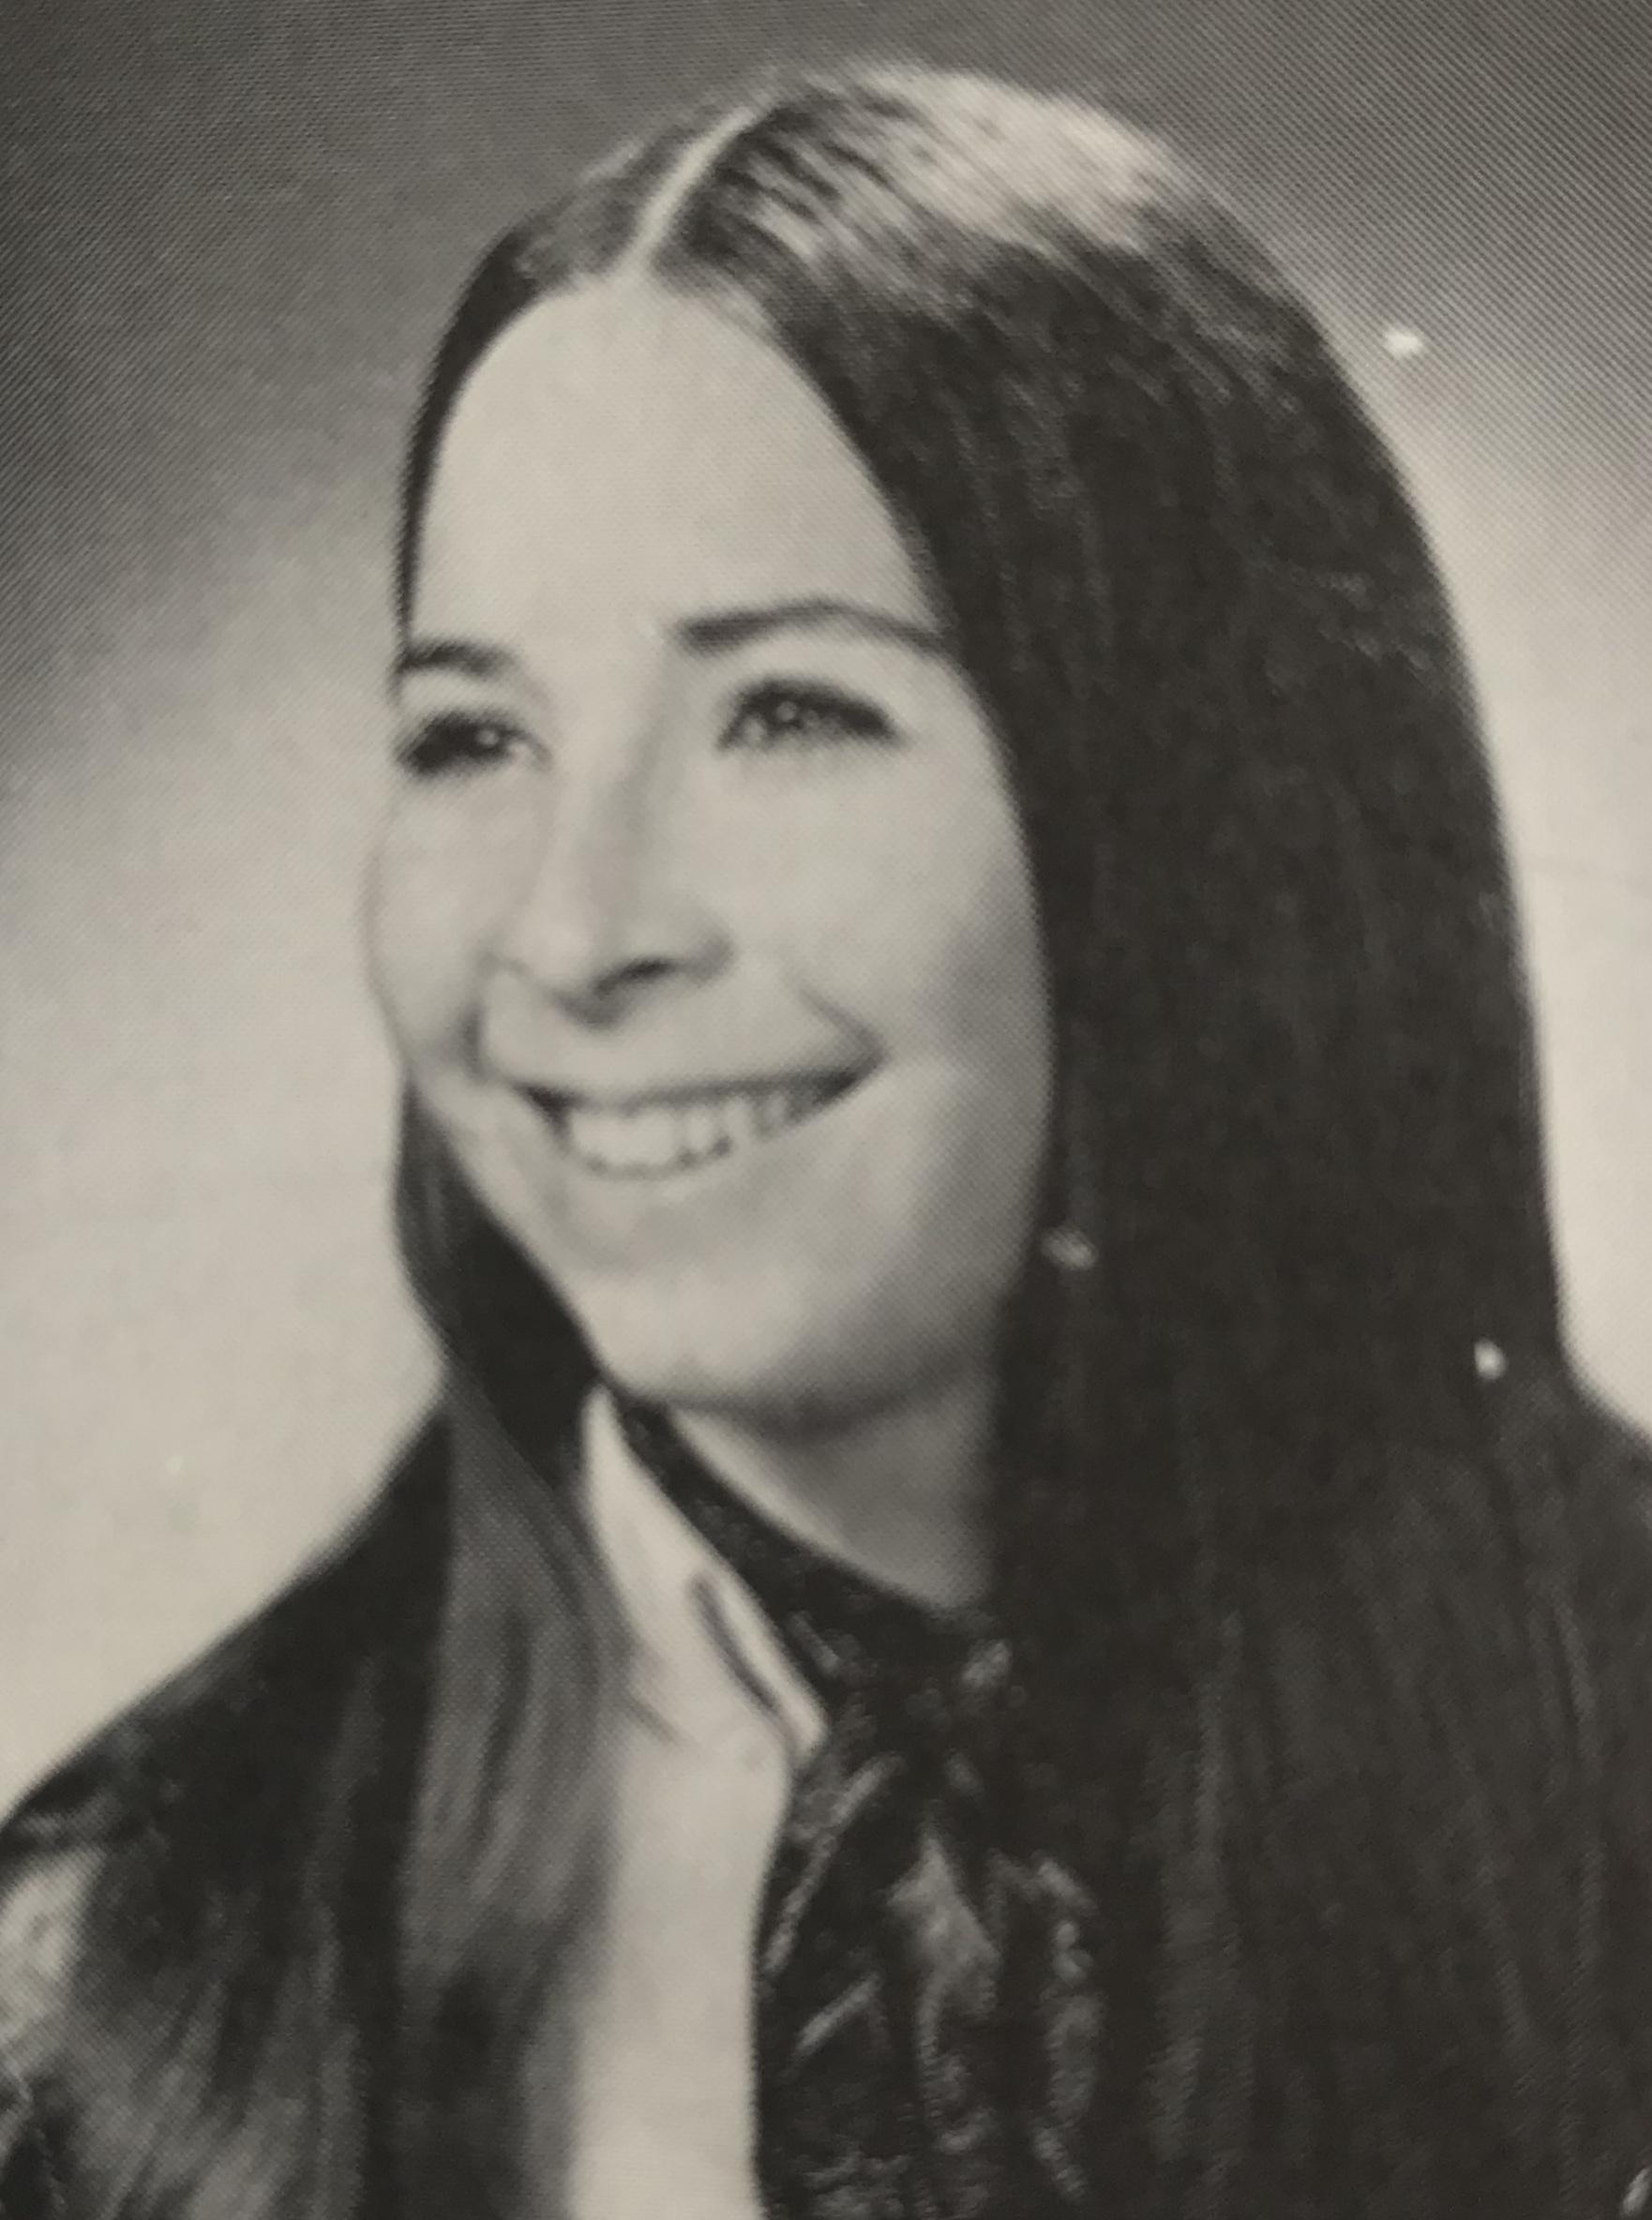 Tanya Sumholz